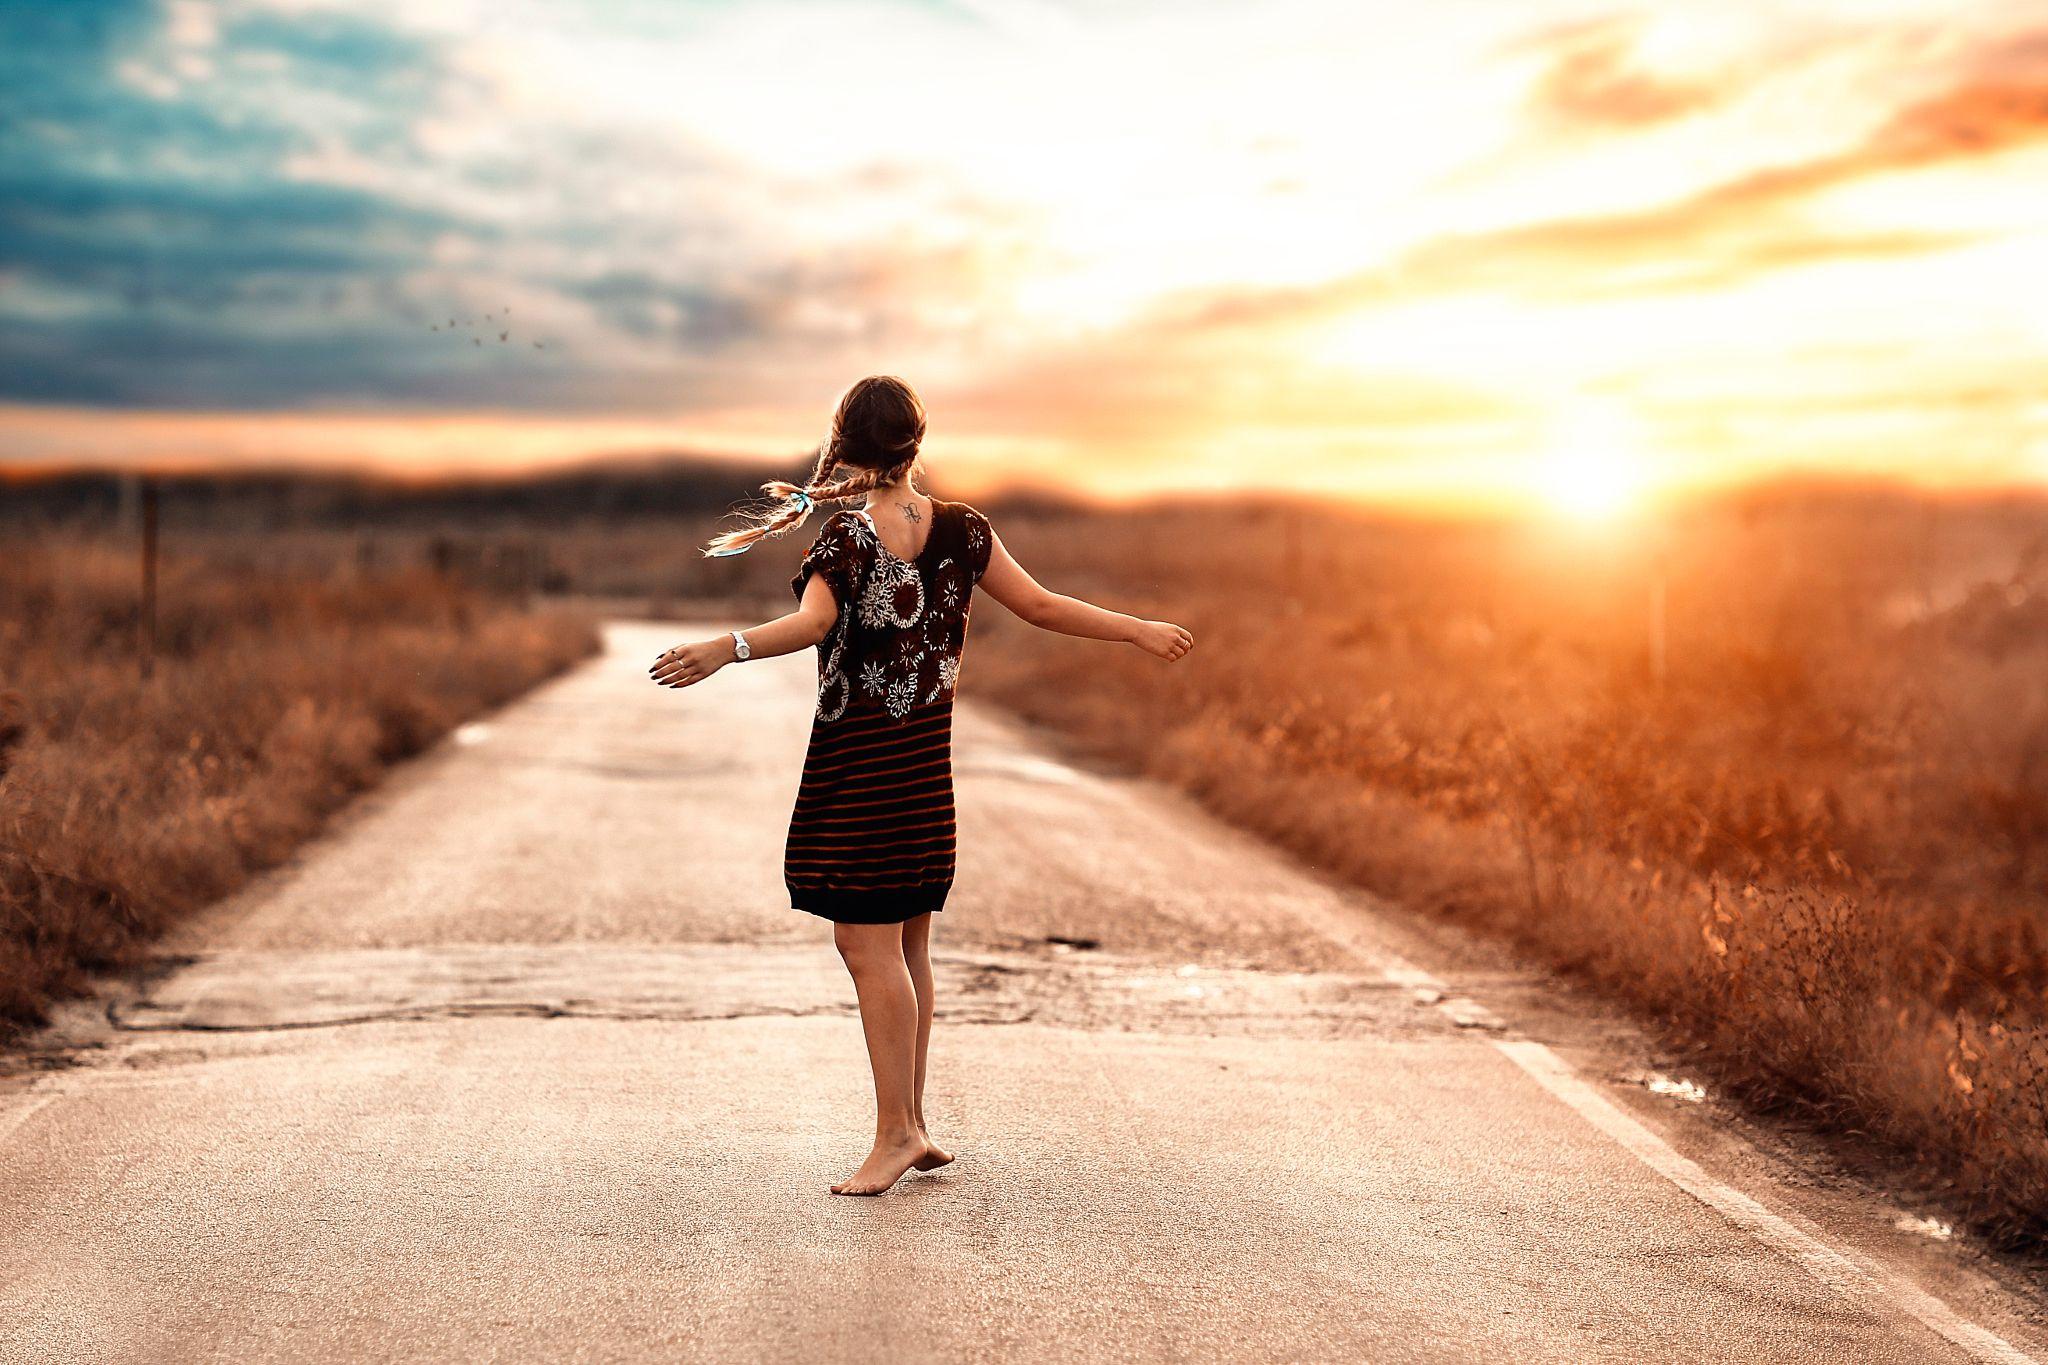 Women Rear Woman Model Tattoo Road Braid Sunrise Bokeh Outdoor Dress ...